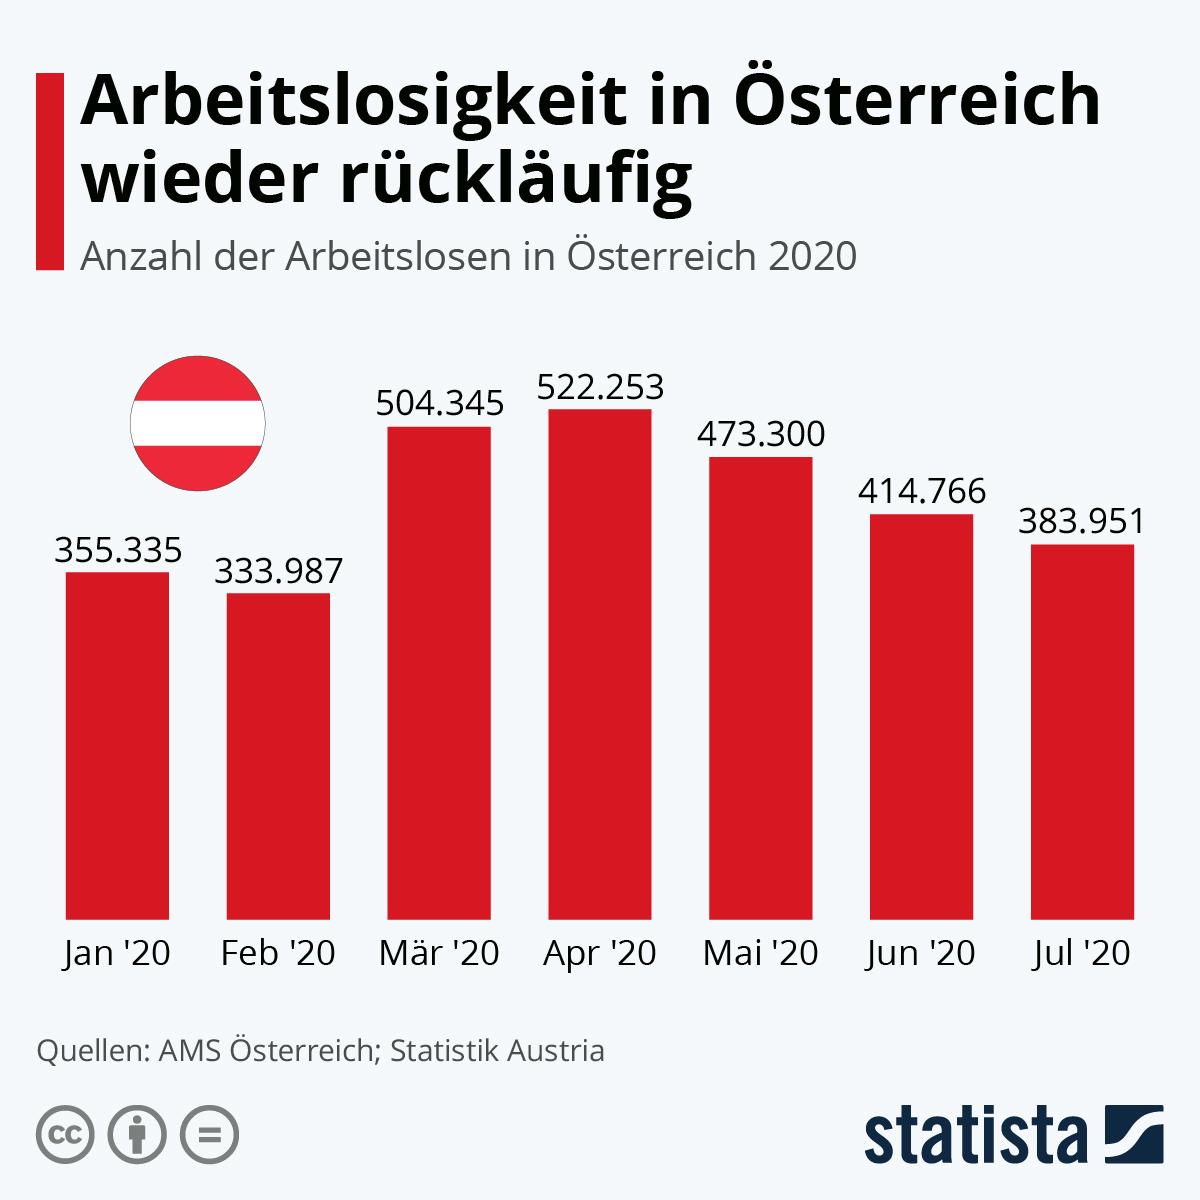 Infografik: Arbeitslosigkeit in Österreich wieder rückläufig | Statista